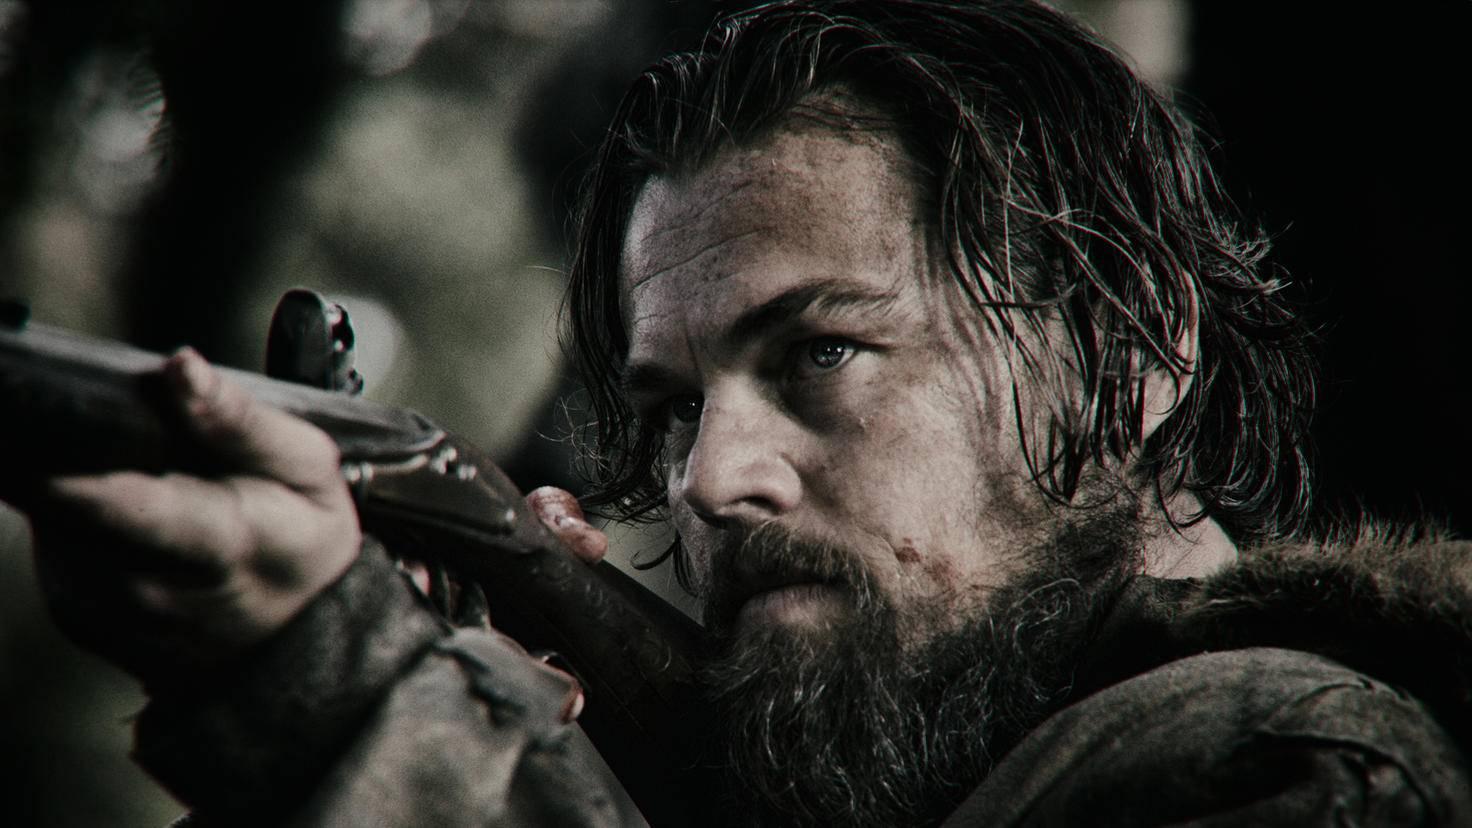 Leonardo dicaprio Revenant